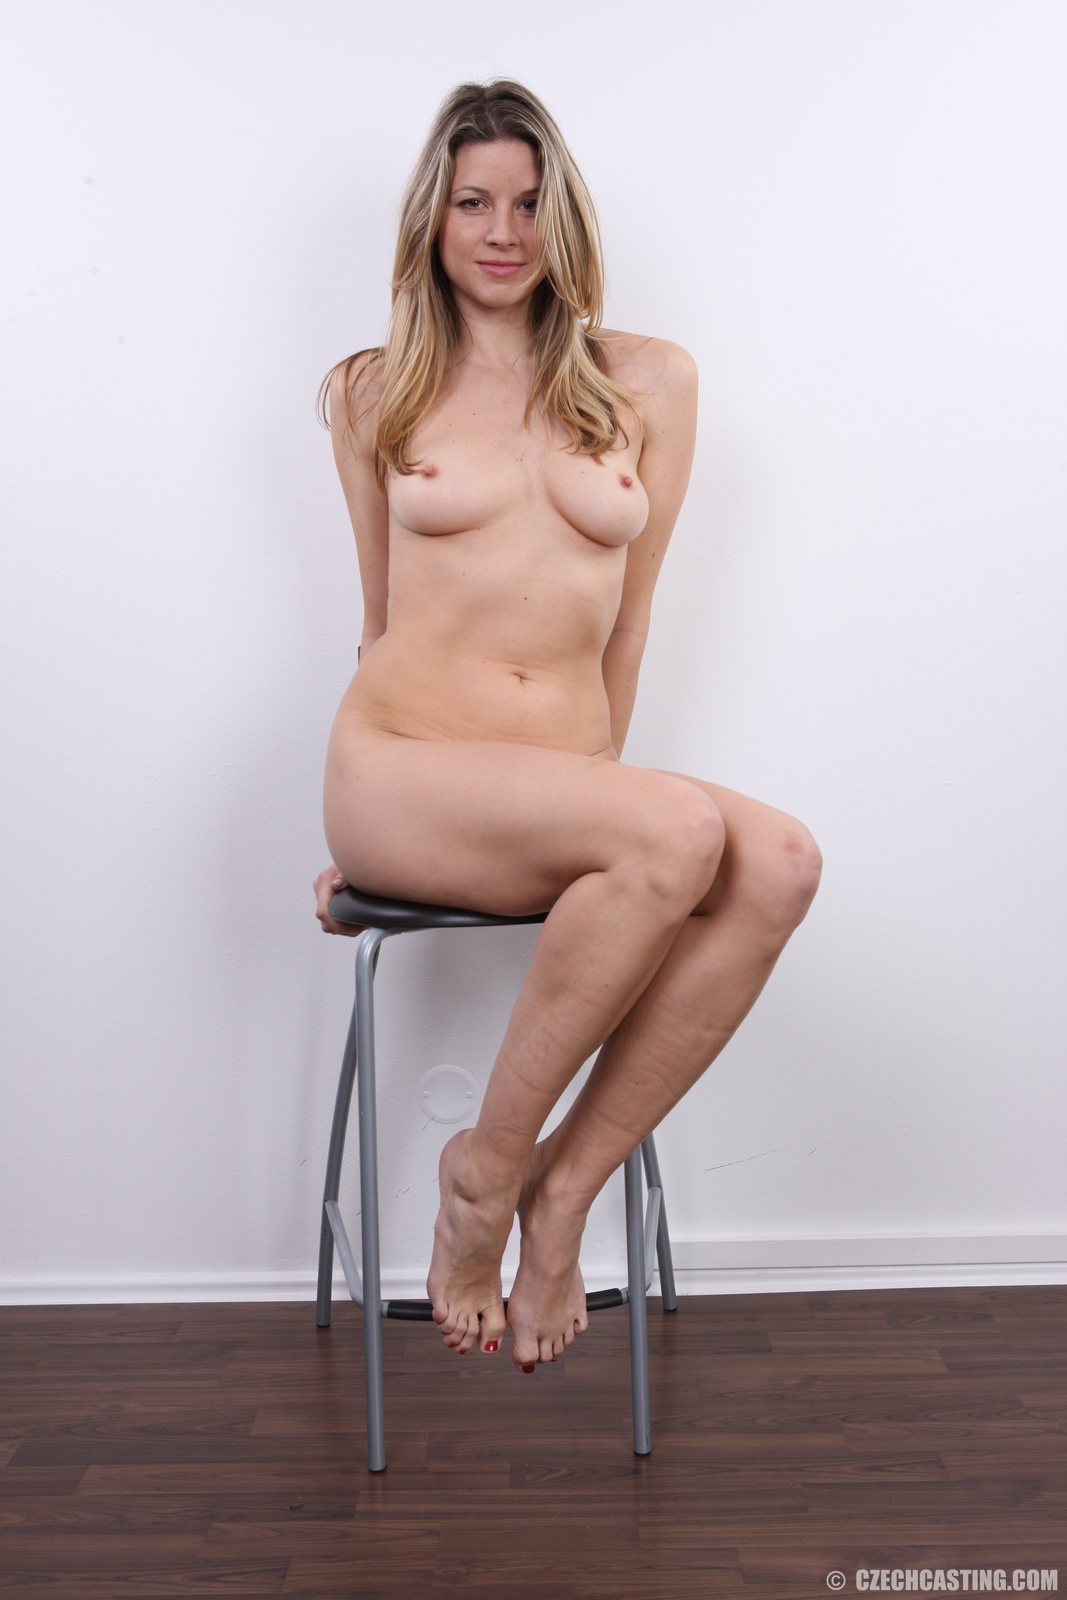 Irish girl nude video